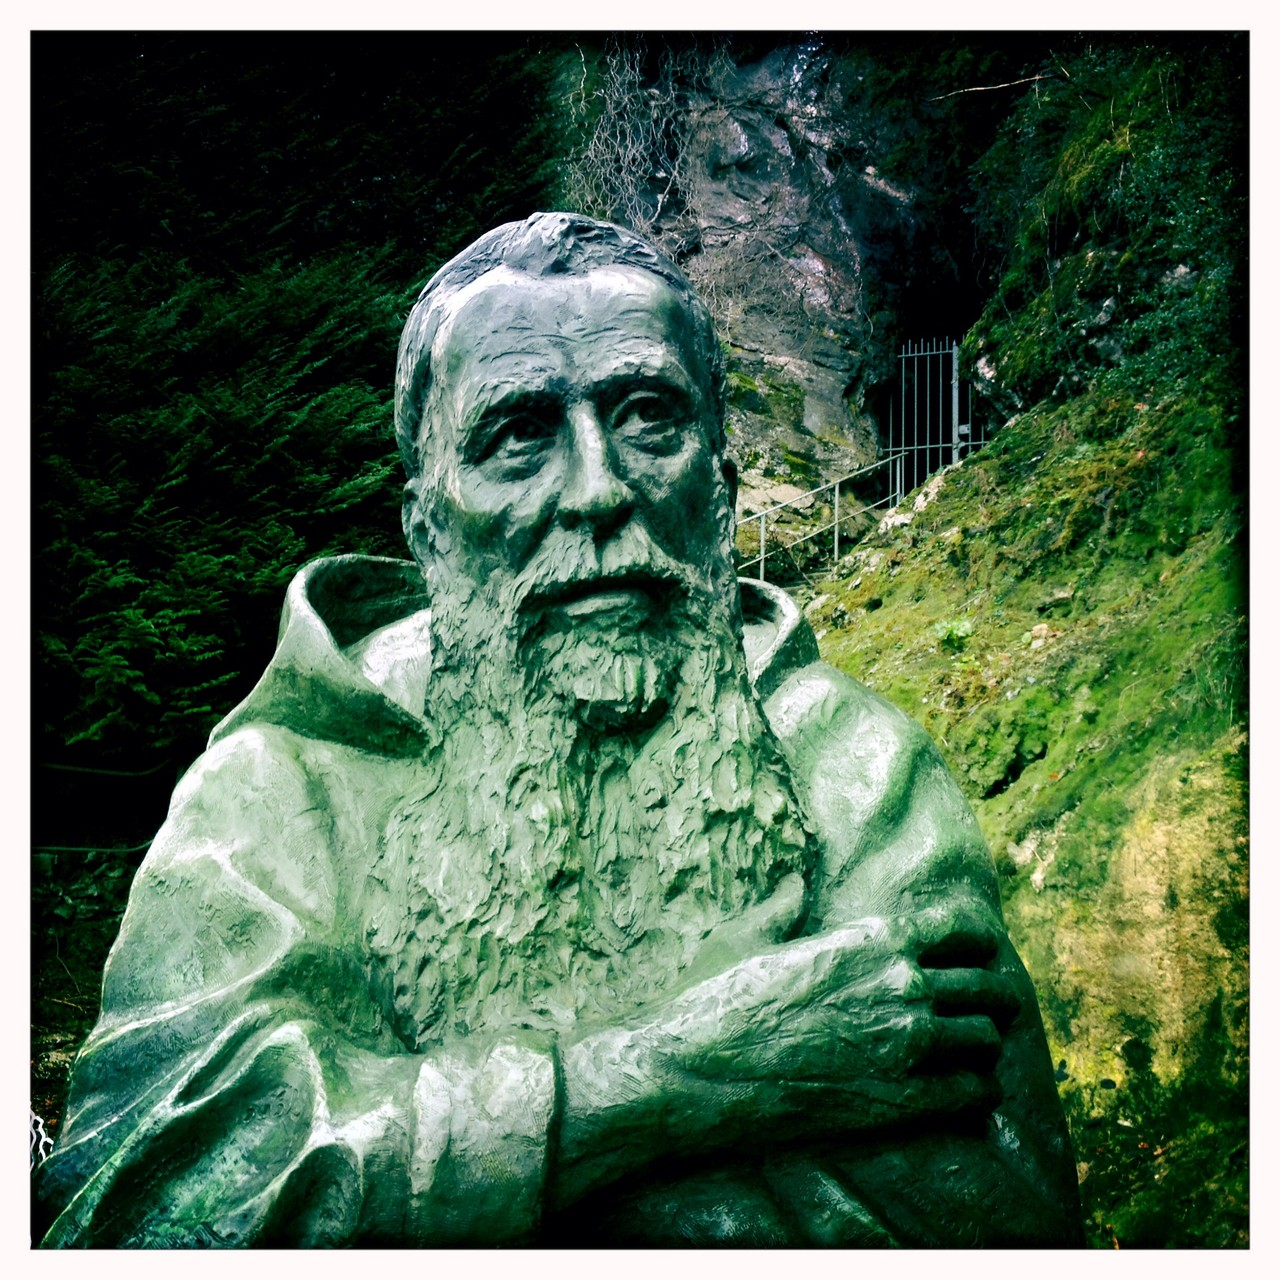 Buste en bronze du Père Marie-Antoine, à Lourdes, par Sébastien Langloÿs